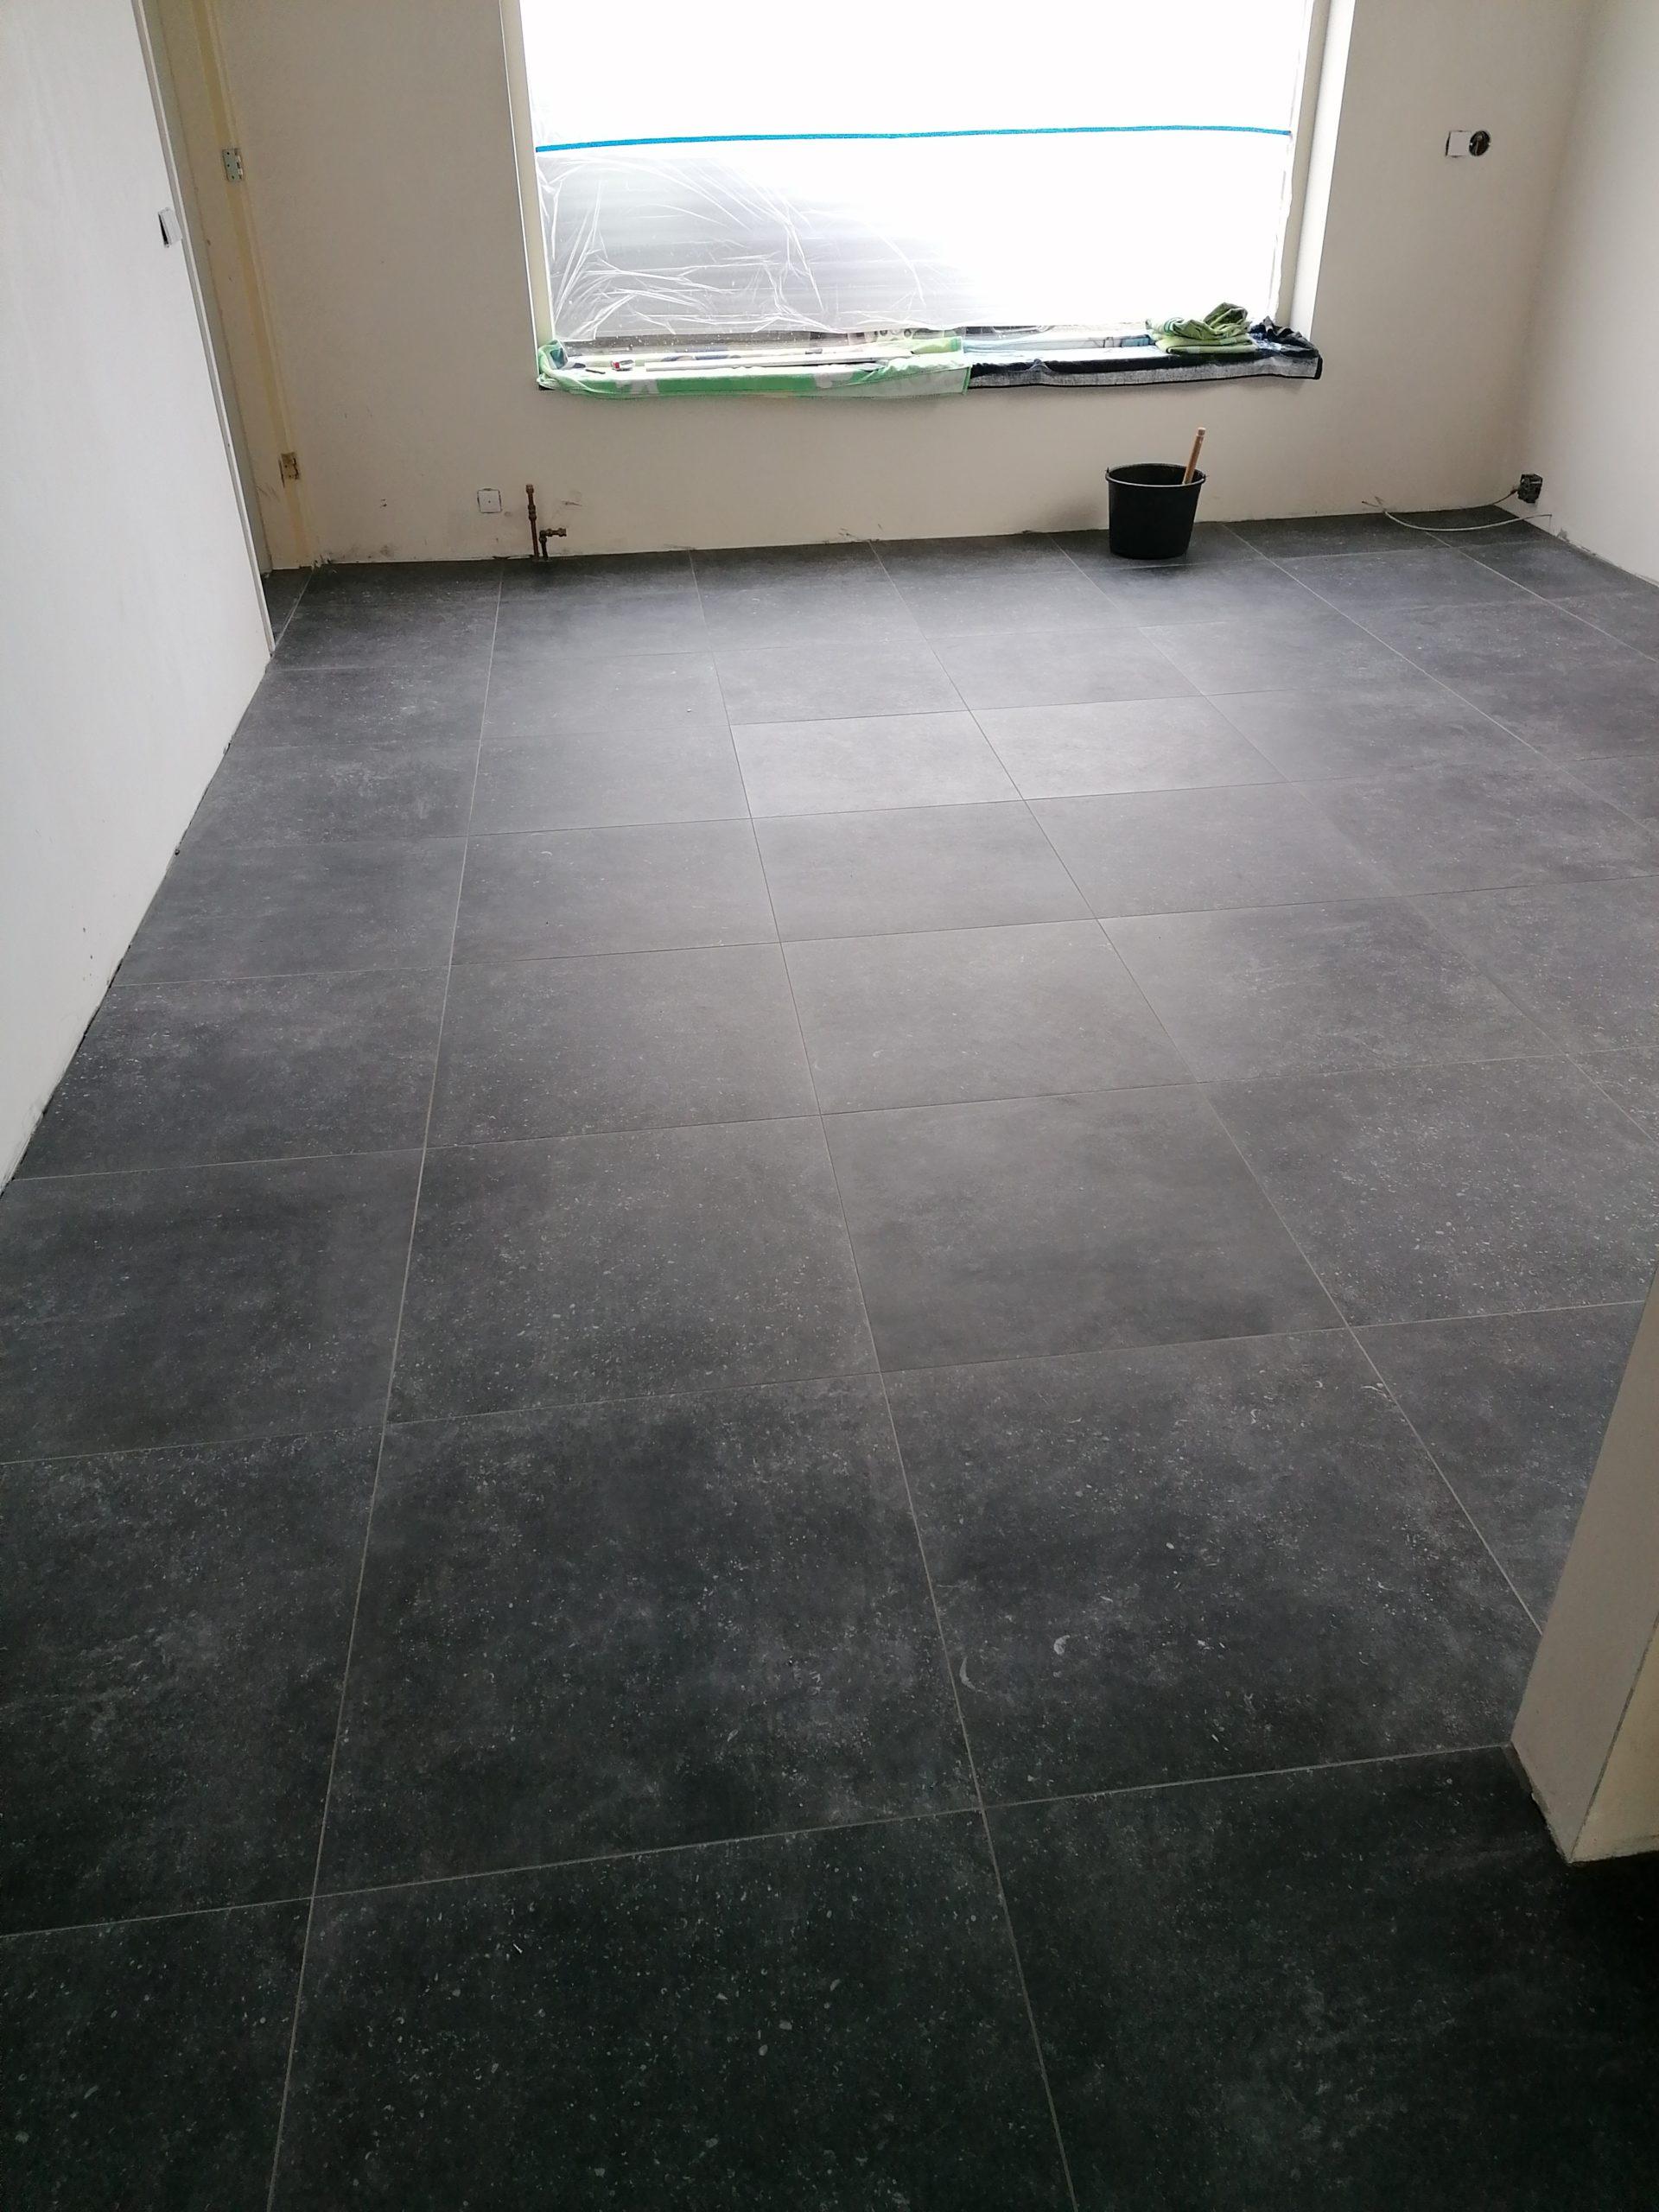 Vloertegel 80x80 Cm Belgisch Hardsteen Look Antraciet Dc13 Rb Tegels Tiel